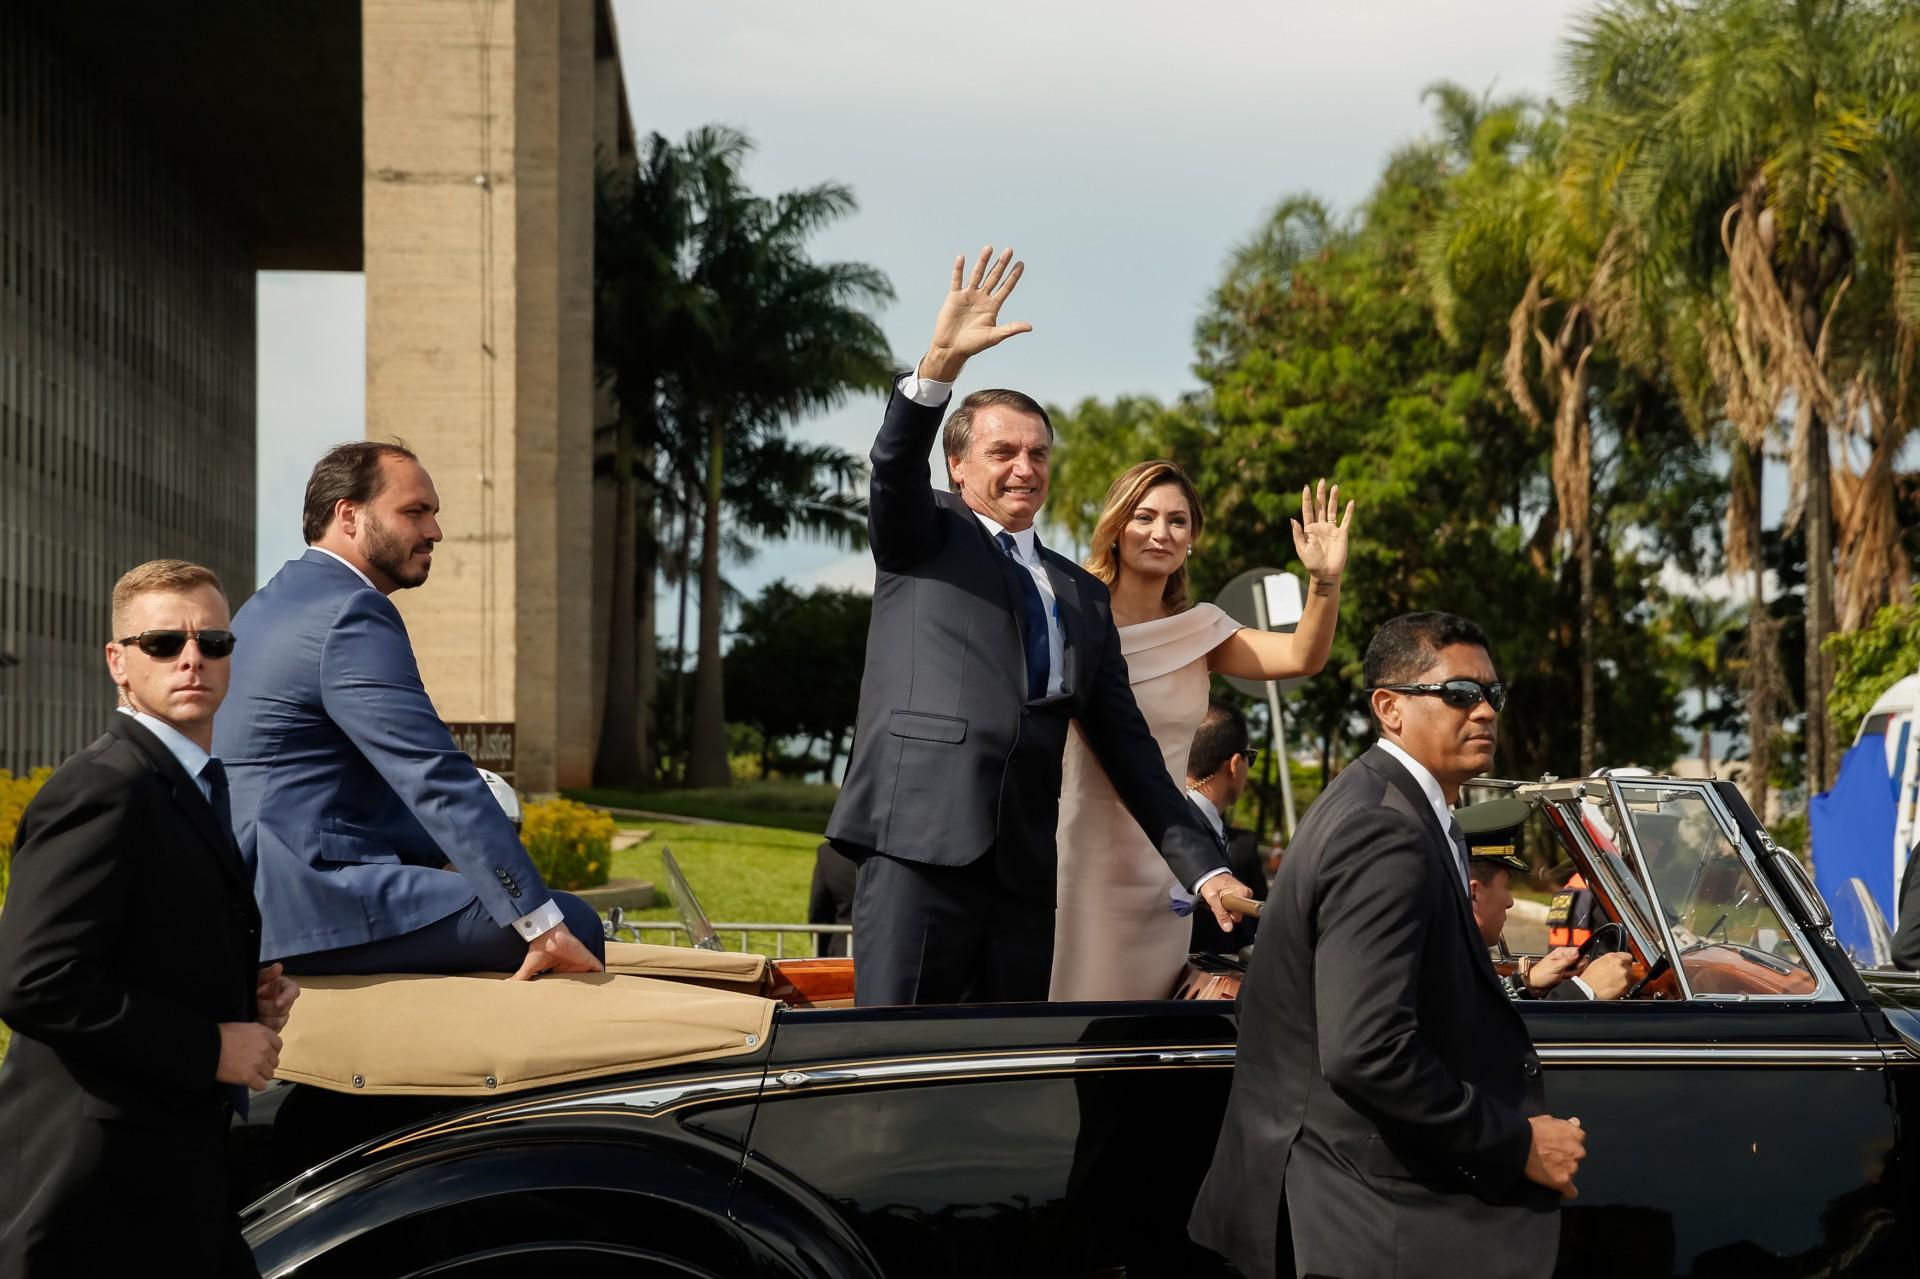 (Foto: Isac Nobrega/Presidência da República)Posse de Jair Bolsonaro em 01/01/2019. Abertura da Sessão Solene de Posse..Foto: Isac Nobrega/Presidência da República